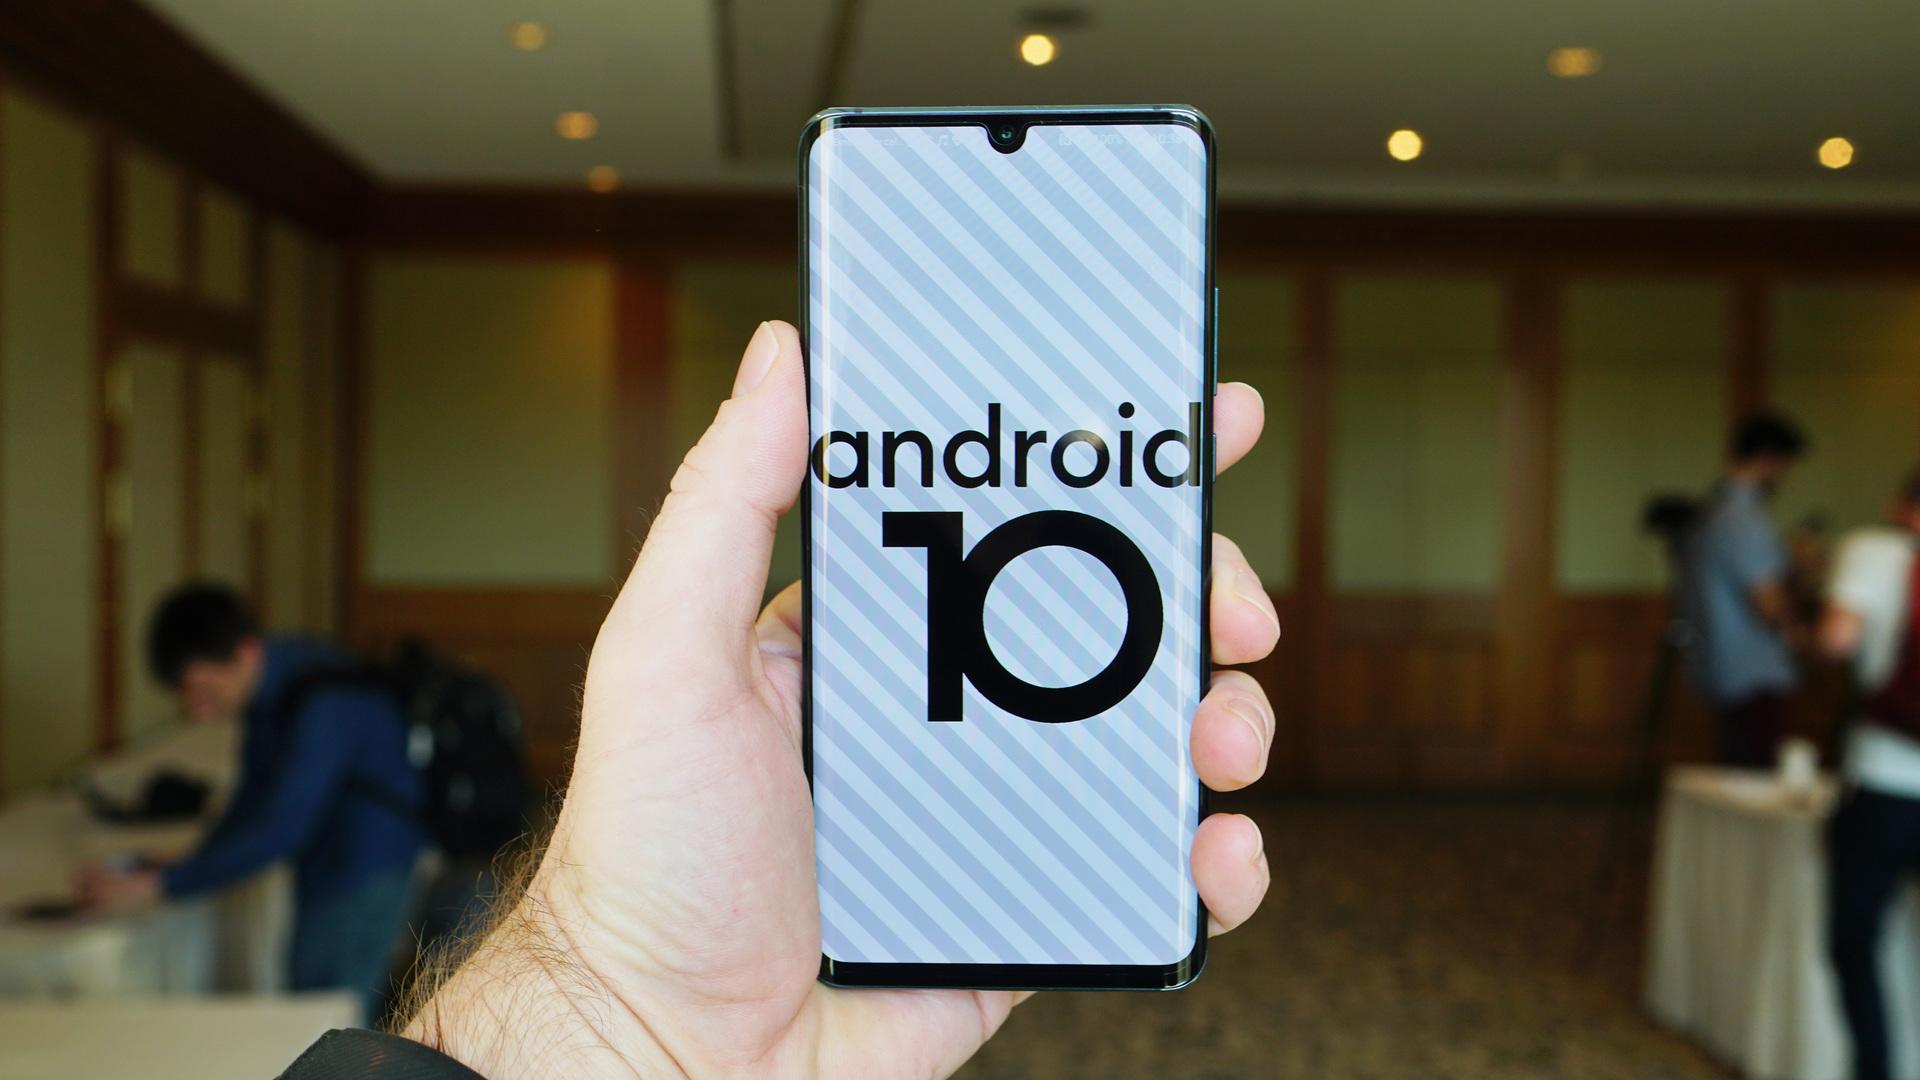 أثمرت جهود Google في جعل التحديثات بشكل أسرع ، حيث تم اعتماد Android 10 أسرع تحديث